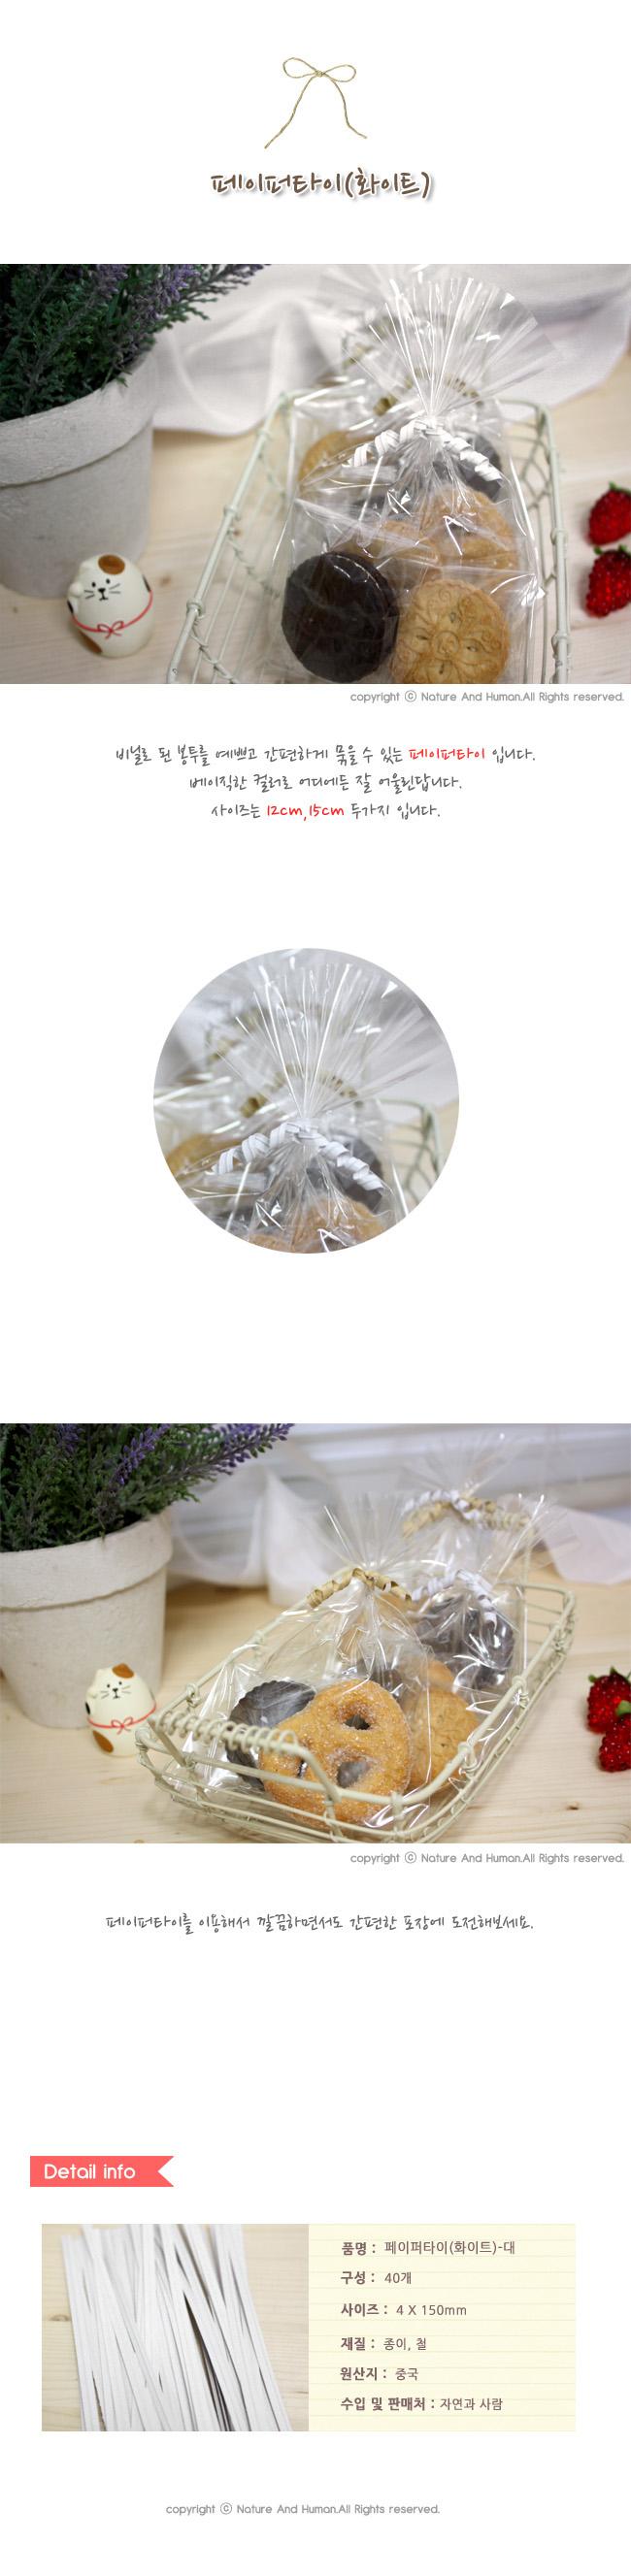 페이퍼타이 화이트 대 (빵끈) - 자연과사람, 1,000원, 리본/포장소품, 끈